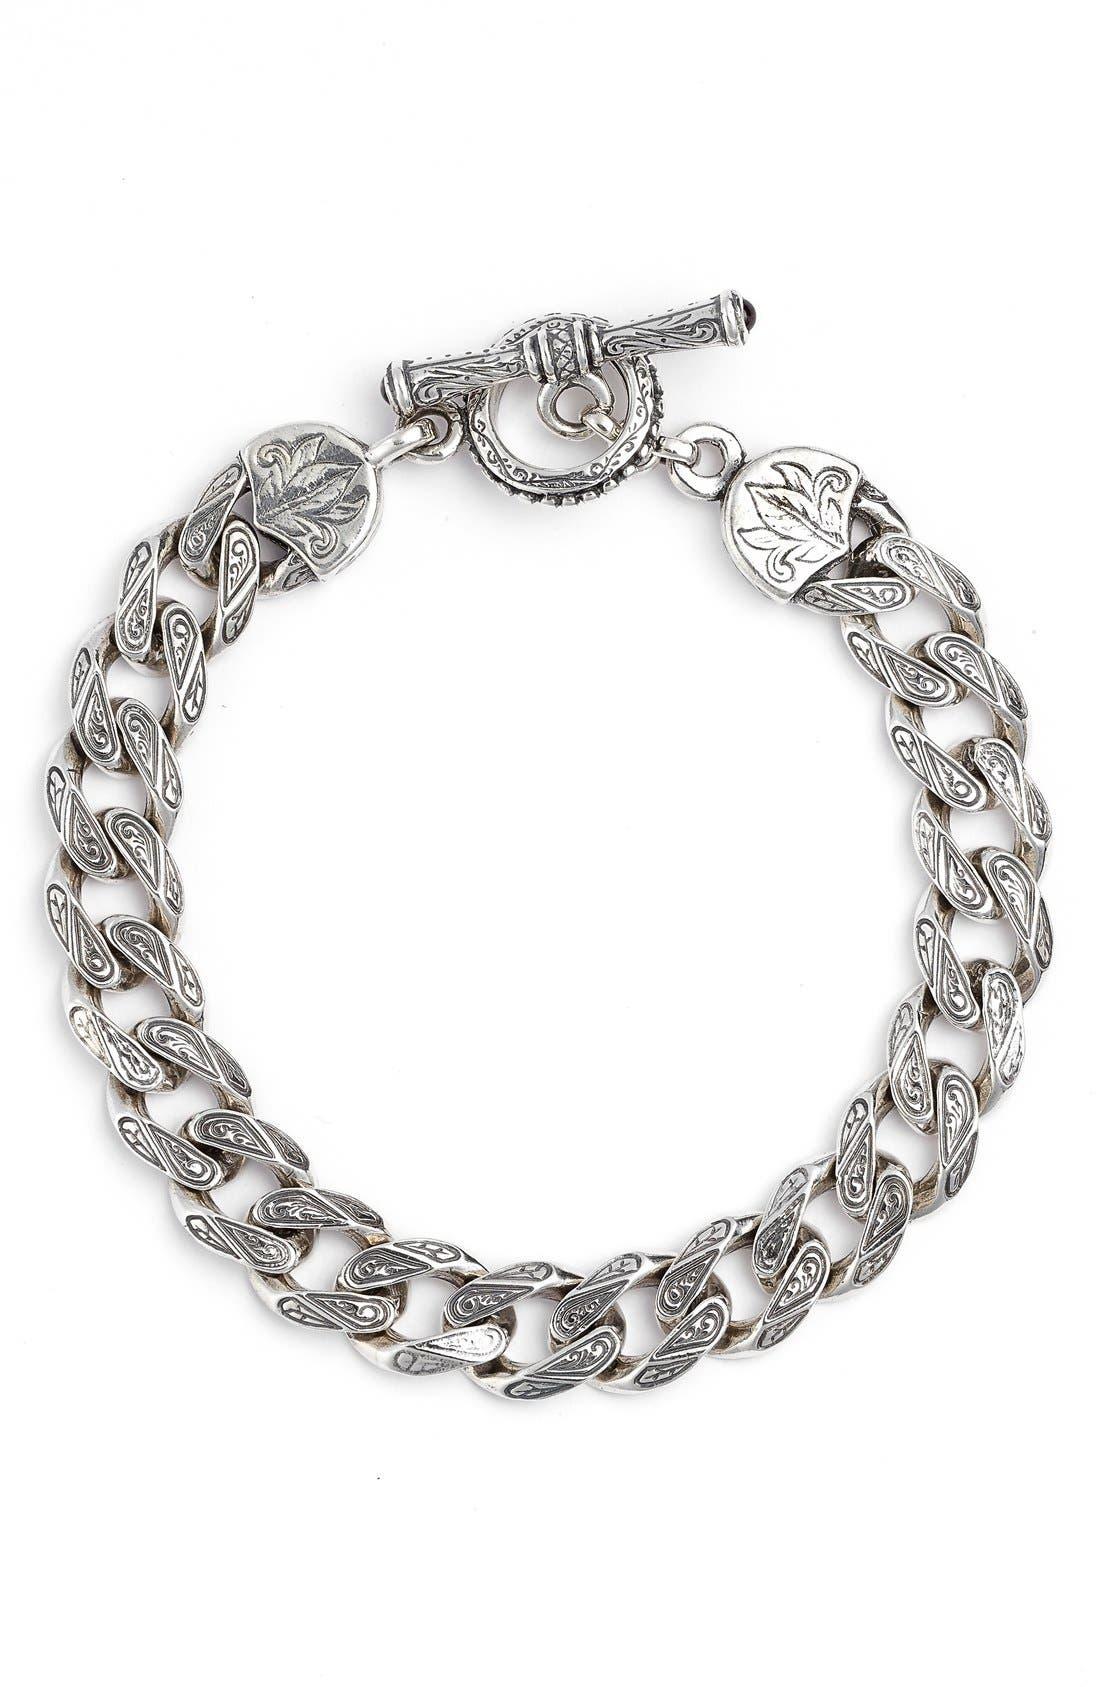 Silver Classics Etched Link Bracelet,                             Main thumbnail 1, color,                             040